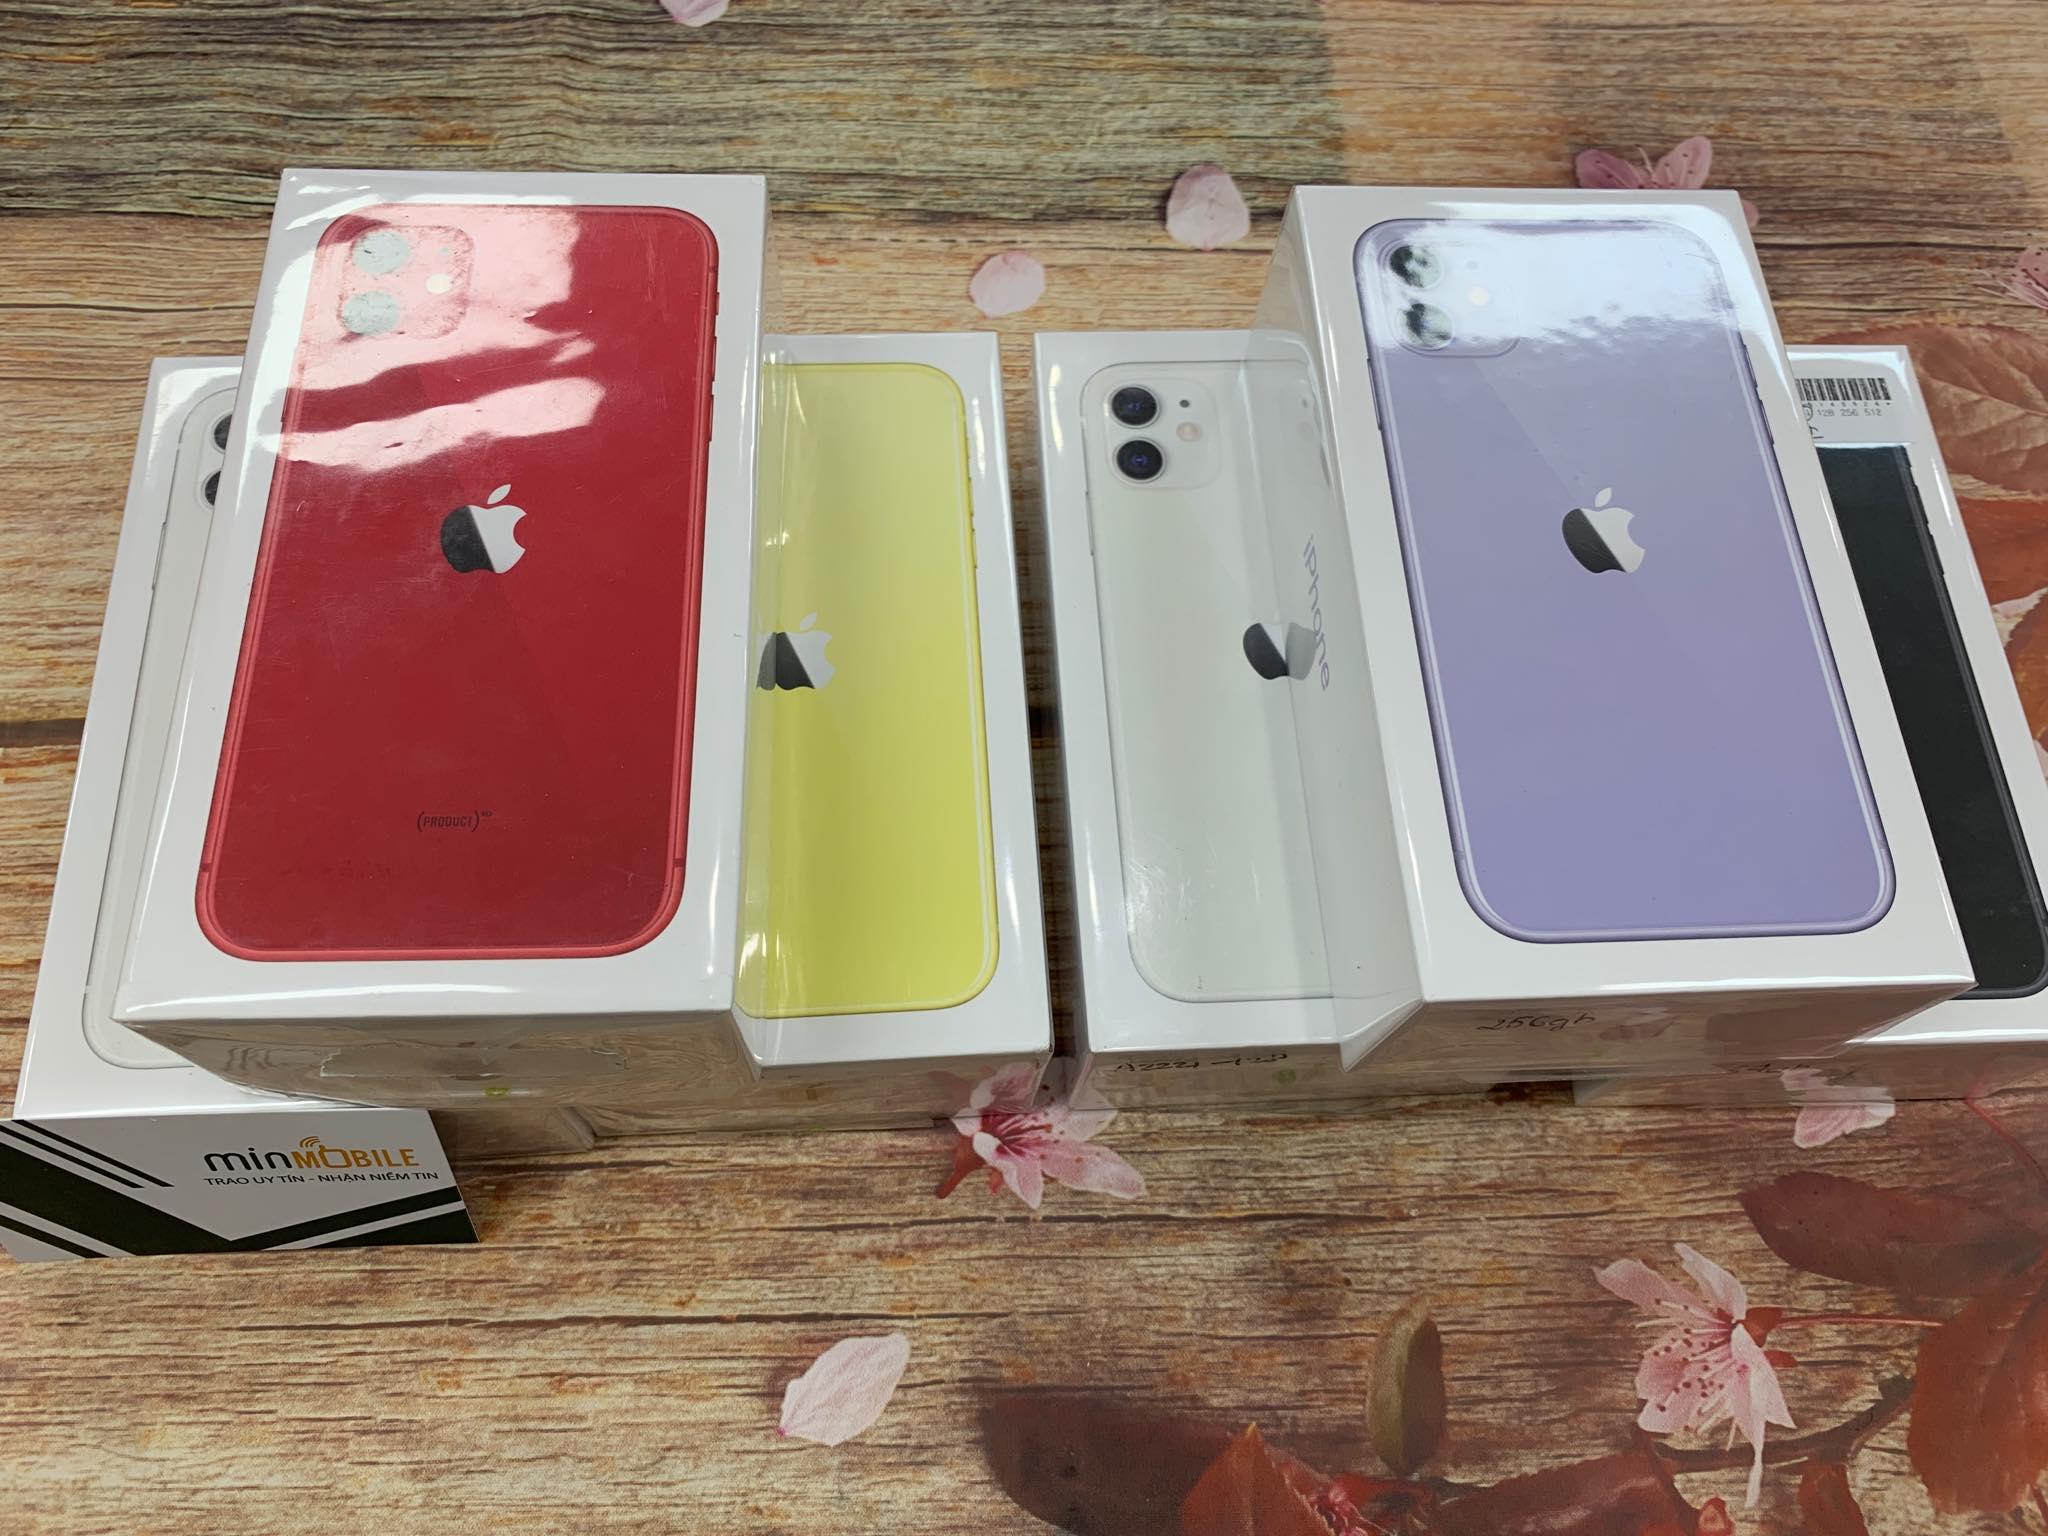 5 Máy Đập Hộp : iPhone 11 , iPhone 11 Pro , iPhone 11 Pro Max new Full box đang được giảm giá 2 triệu